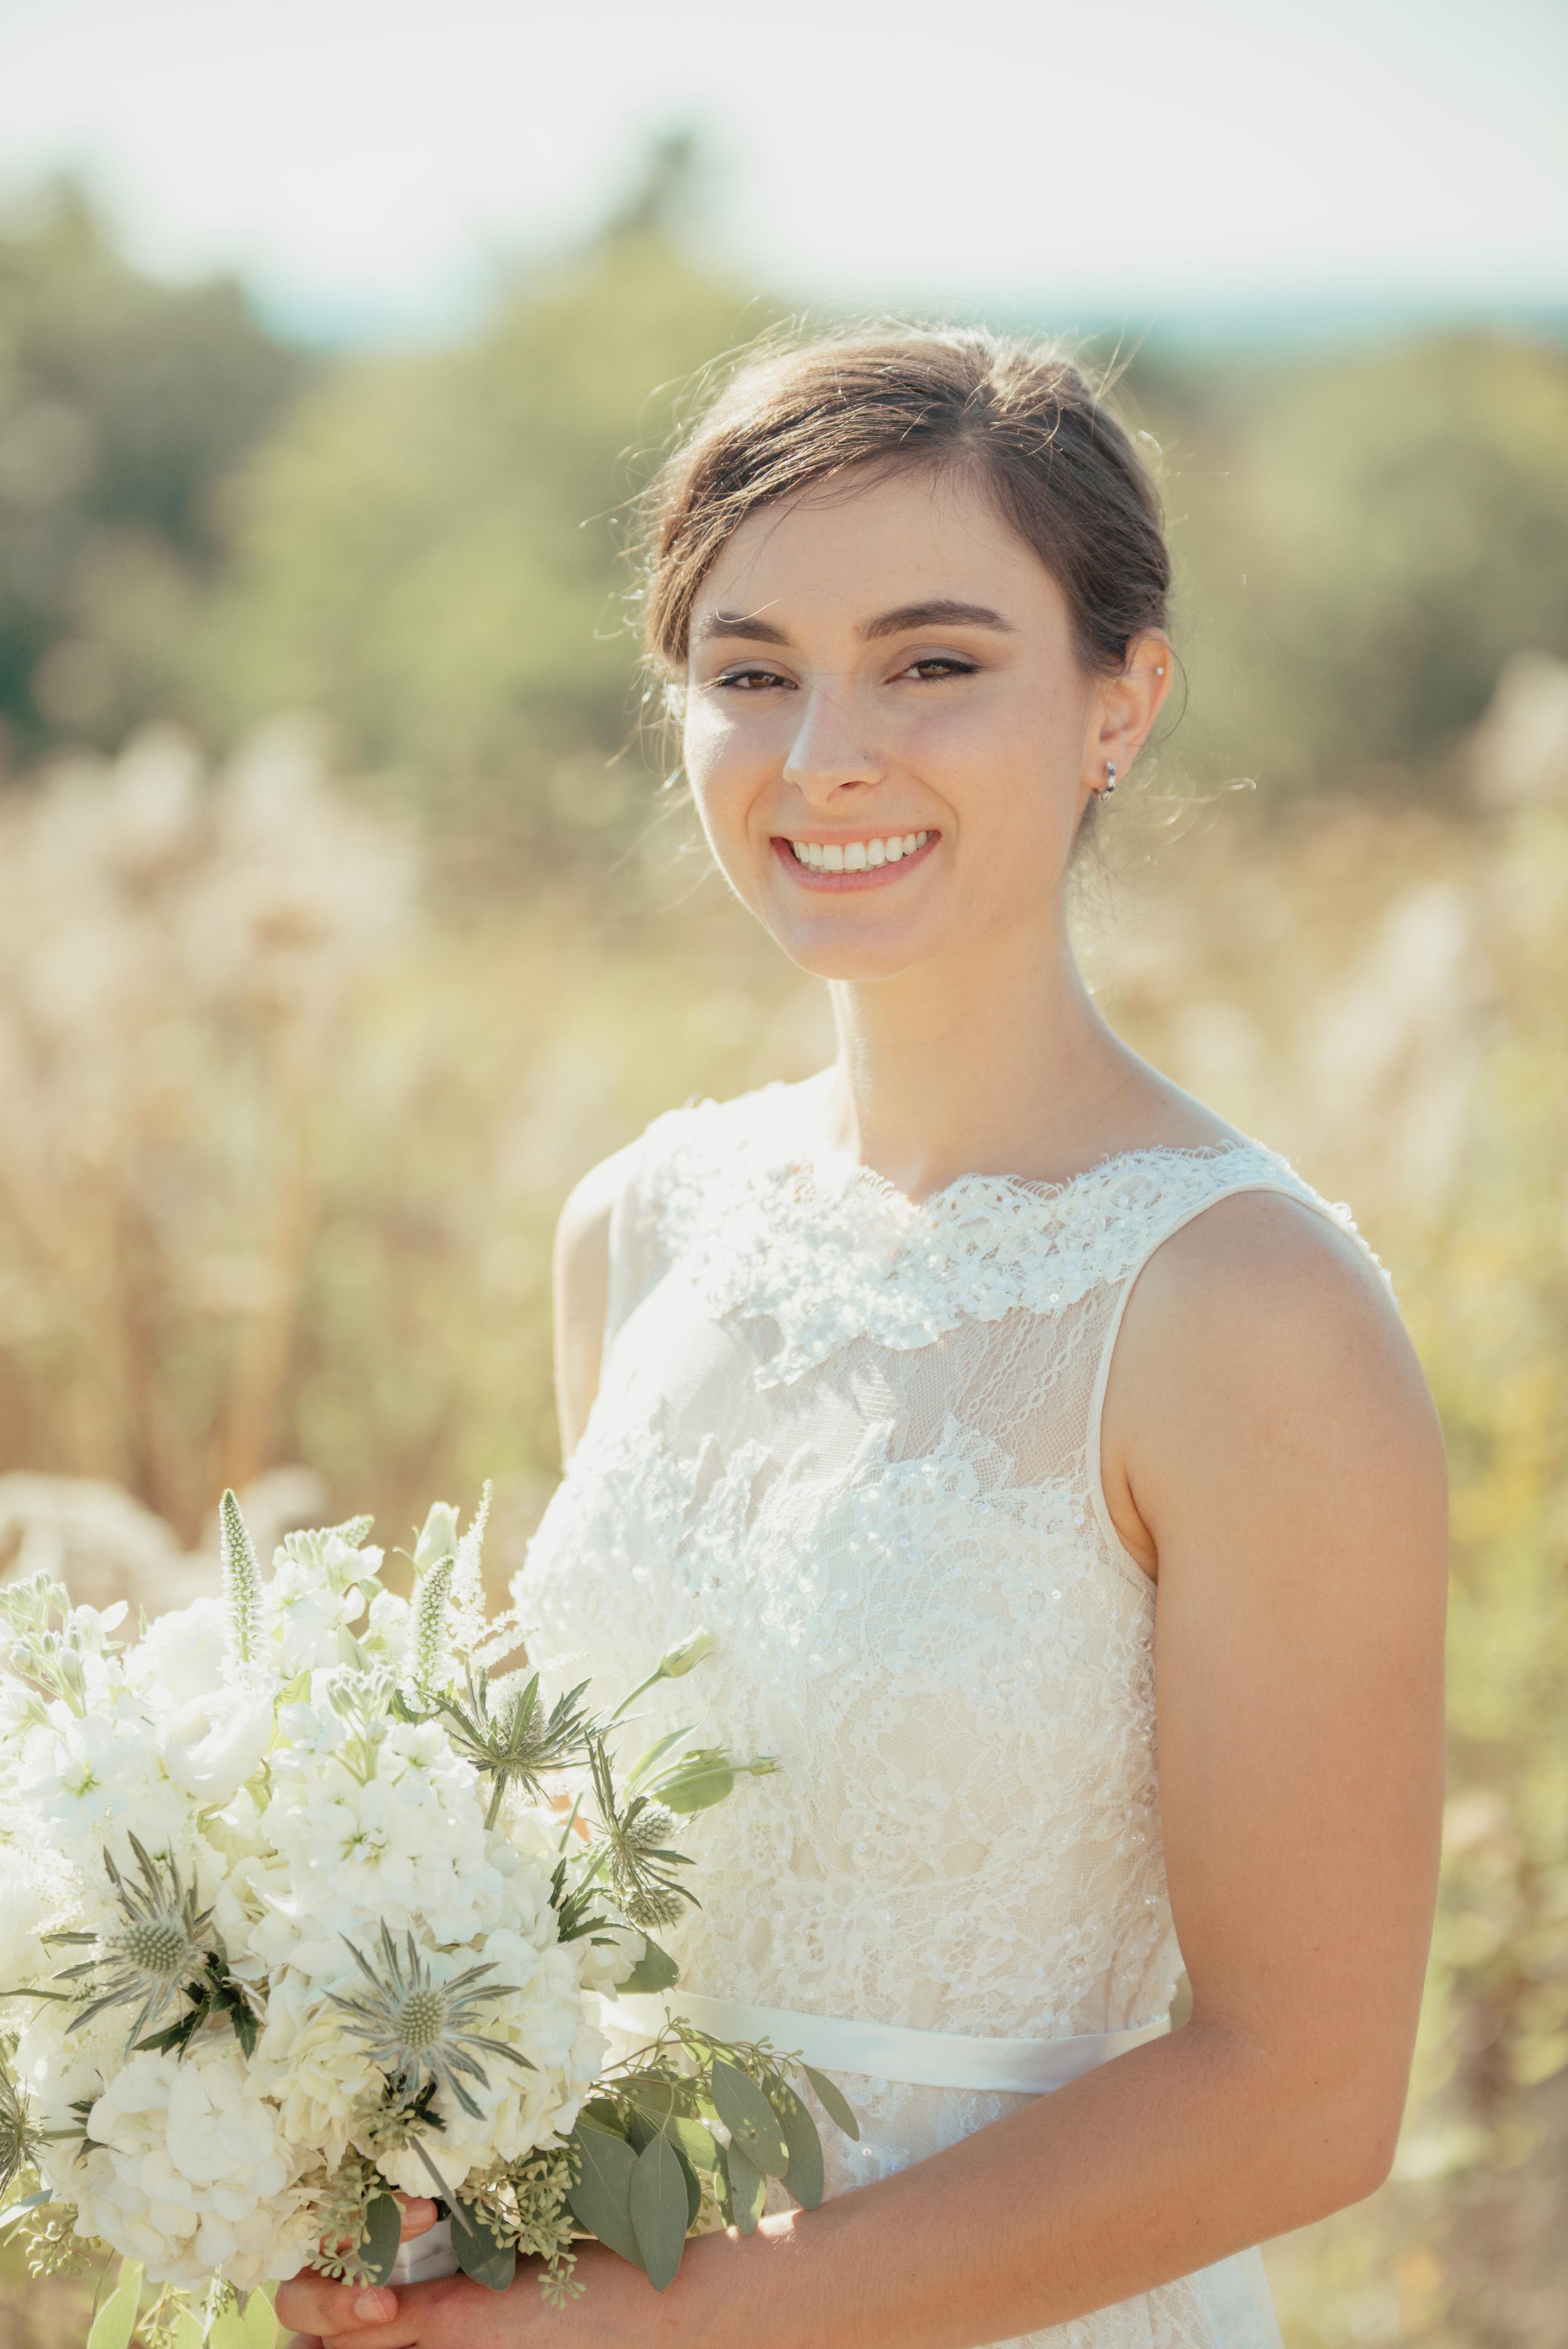 cleland-studios-weddings-17.jpg